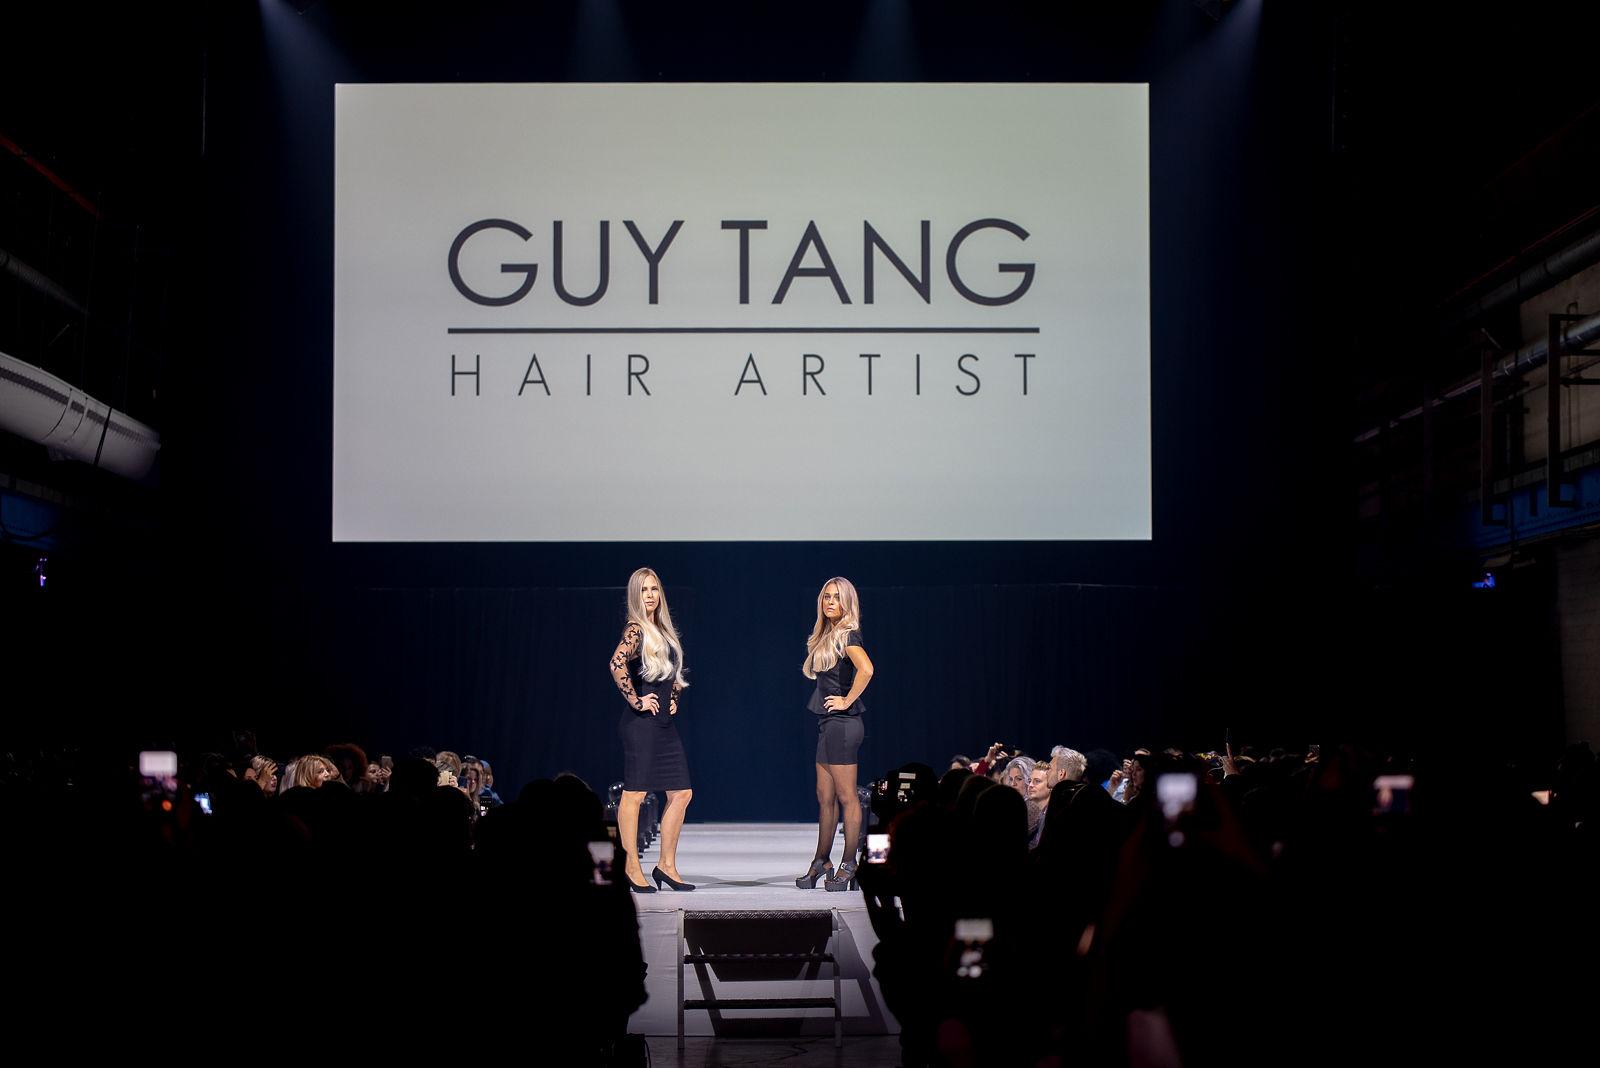 Fotografie event Guy Tang modellen op podium